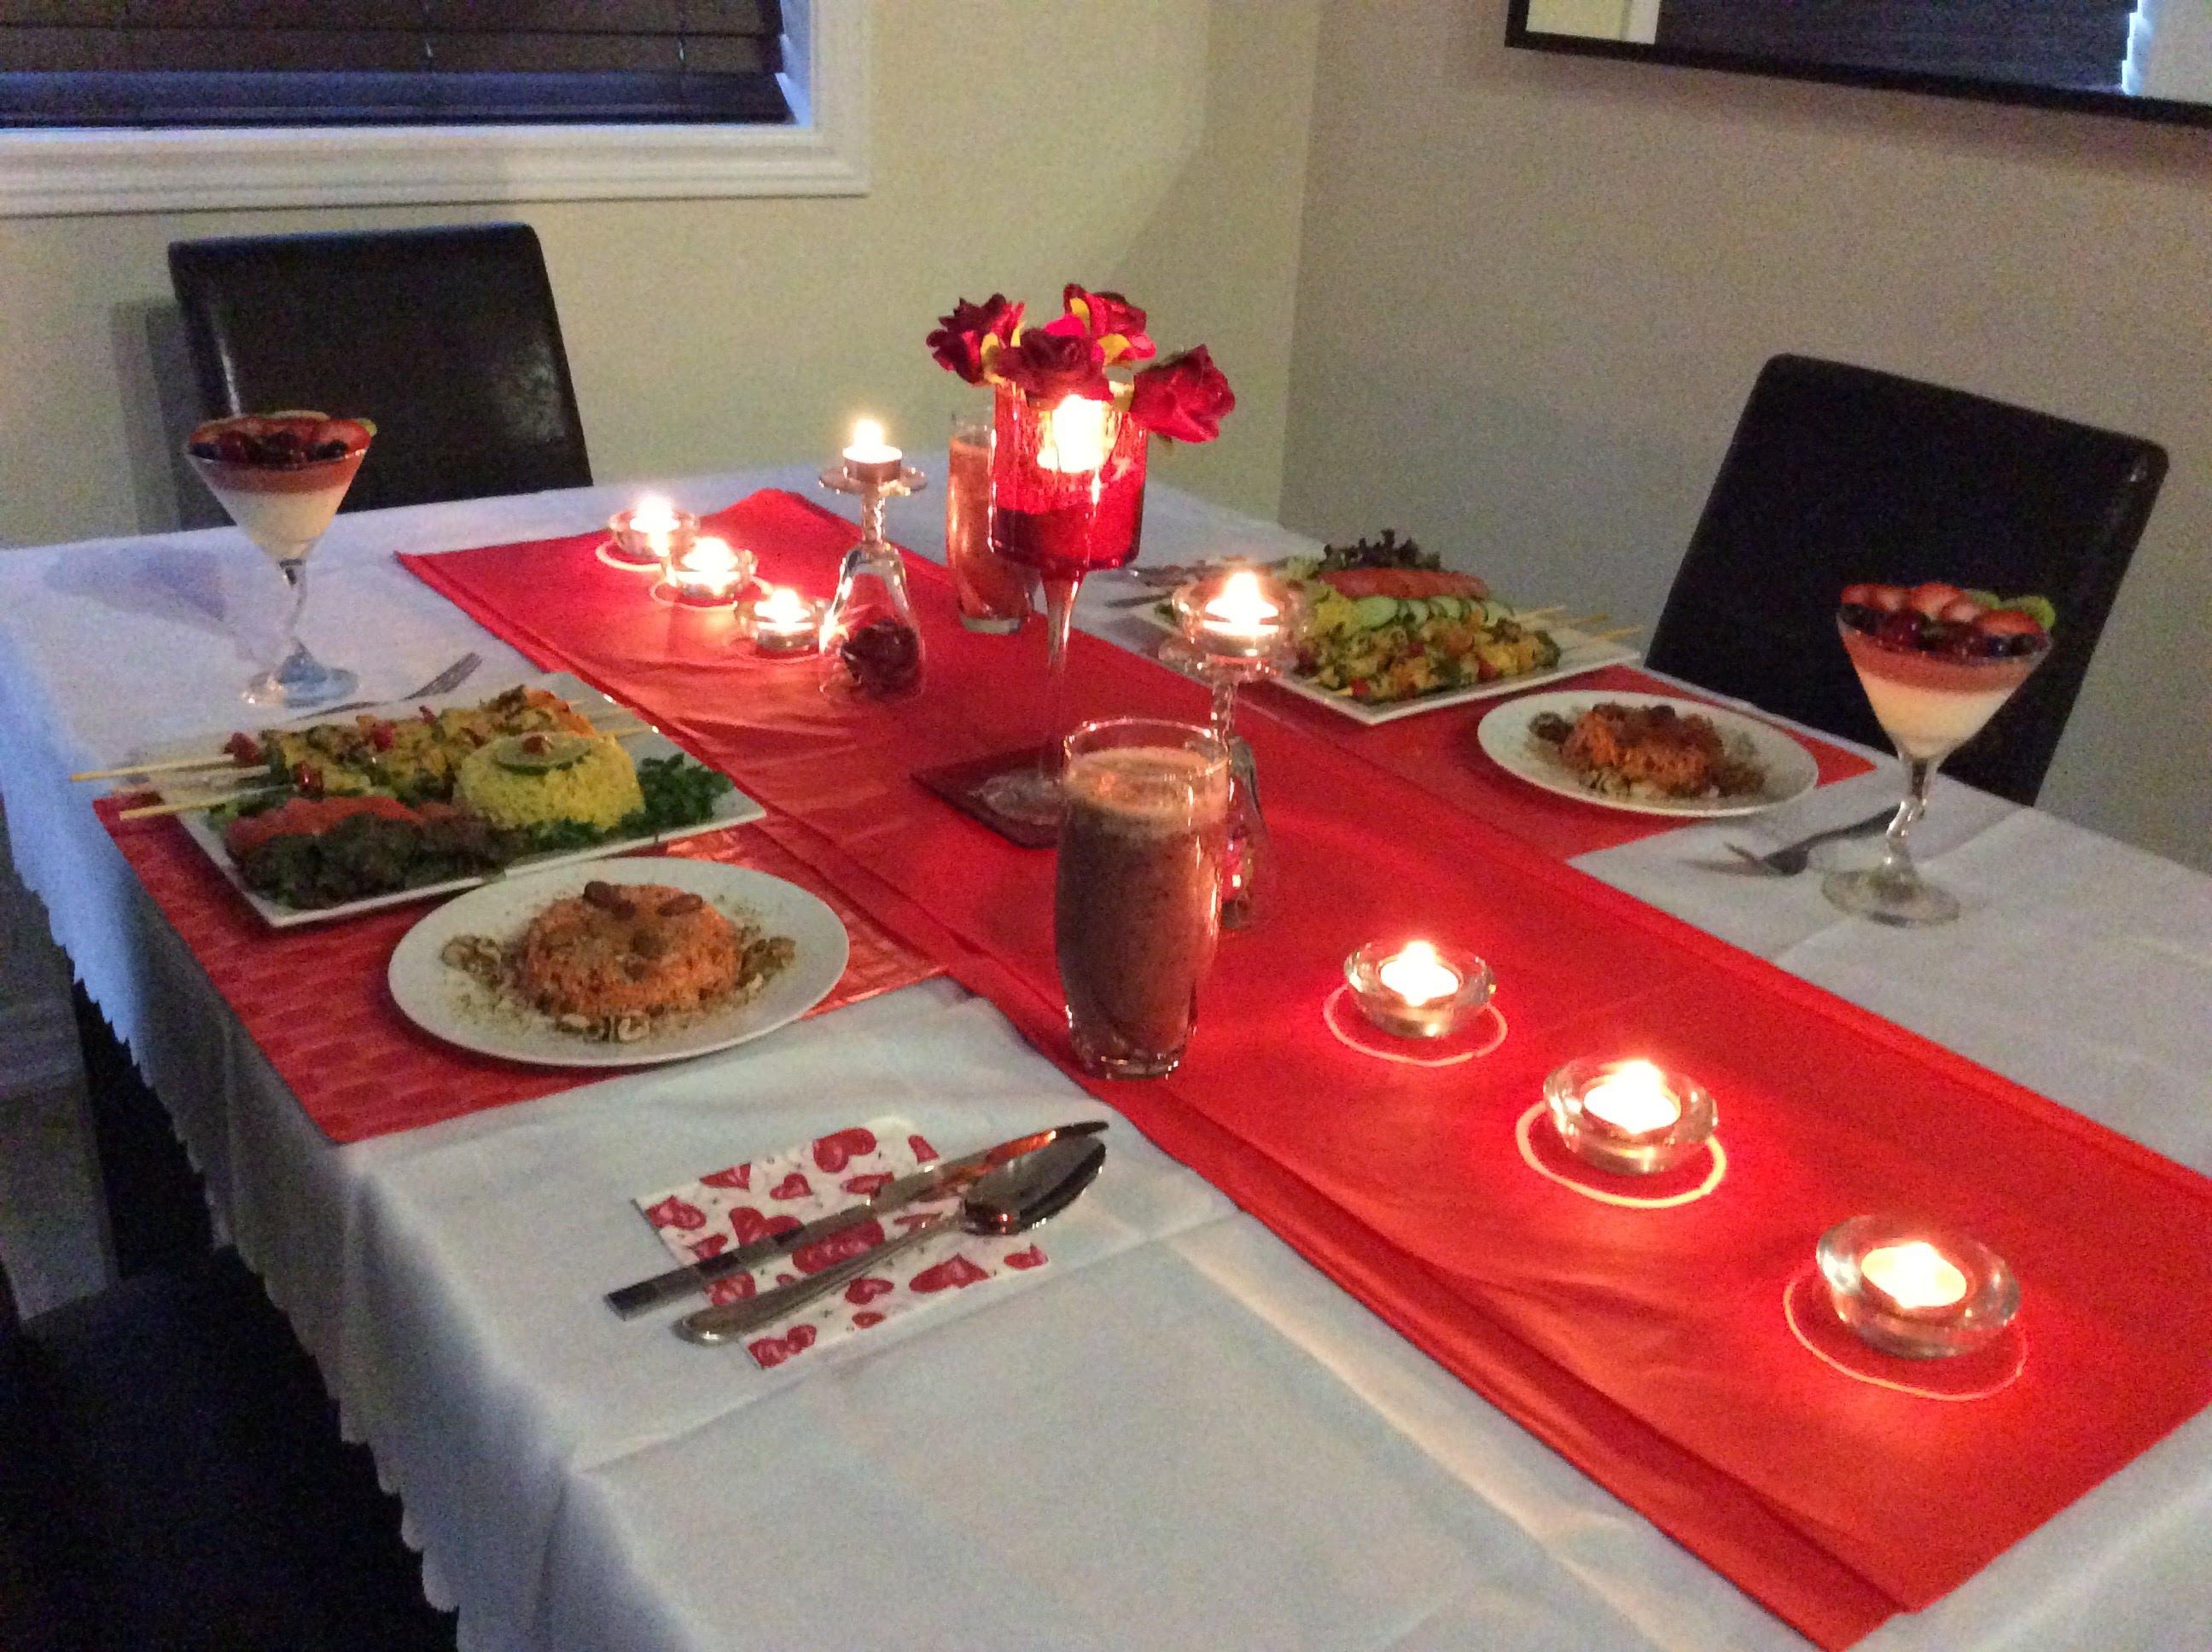 بالصور افكار لعشاء رومانسي , كيفيه تحضير العشاء الي الحبيب 6574 1